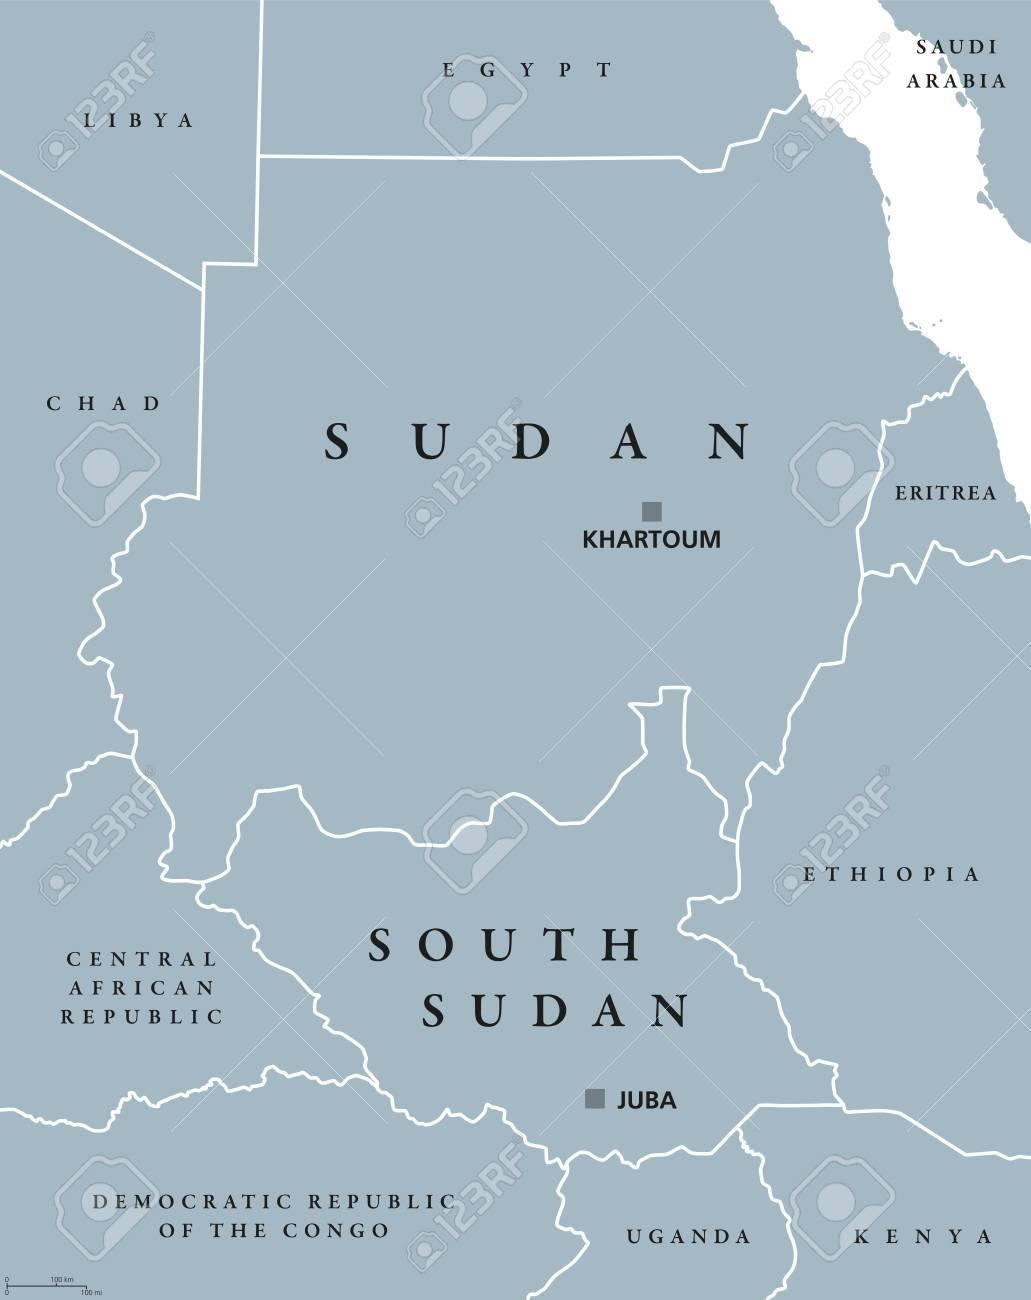 Carte Afrique Avec Soudan Du Sud.Soudan Et Soudan Du Sud Carte Politique Avec Les Capitales Khartoum Et Juba Deux Republiques En Afrique Orientale Avec Les Frontieres Nationales